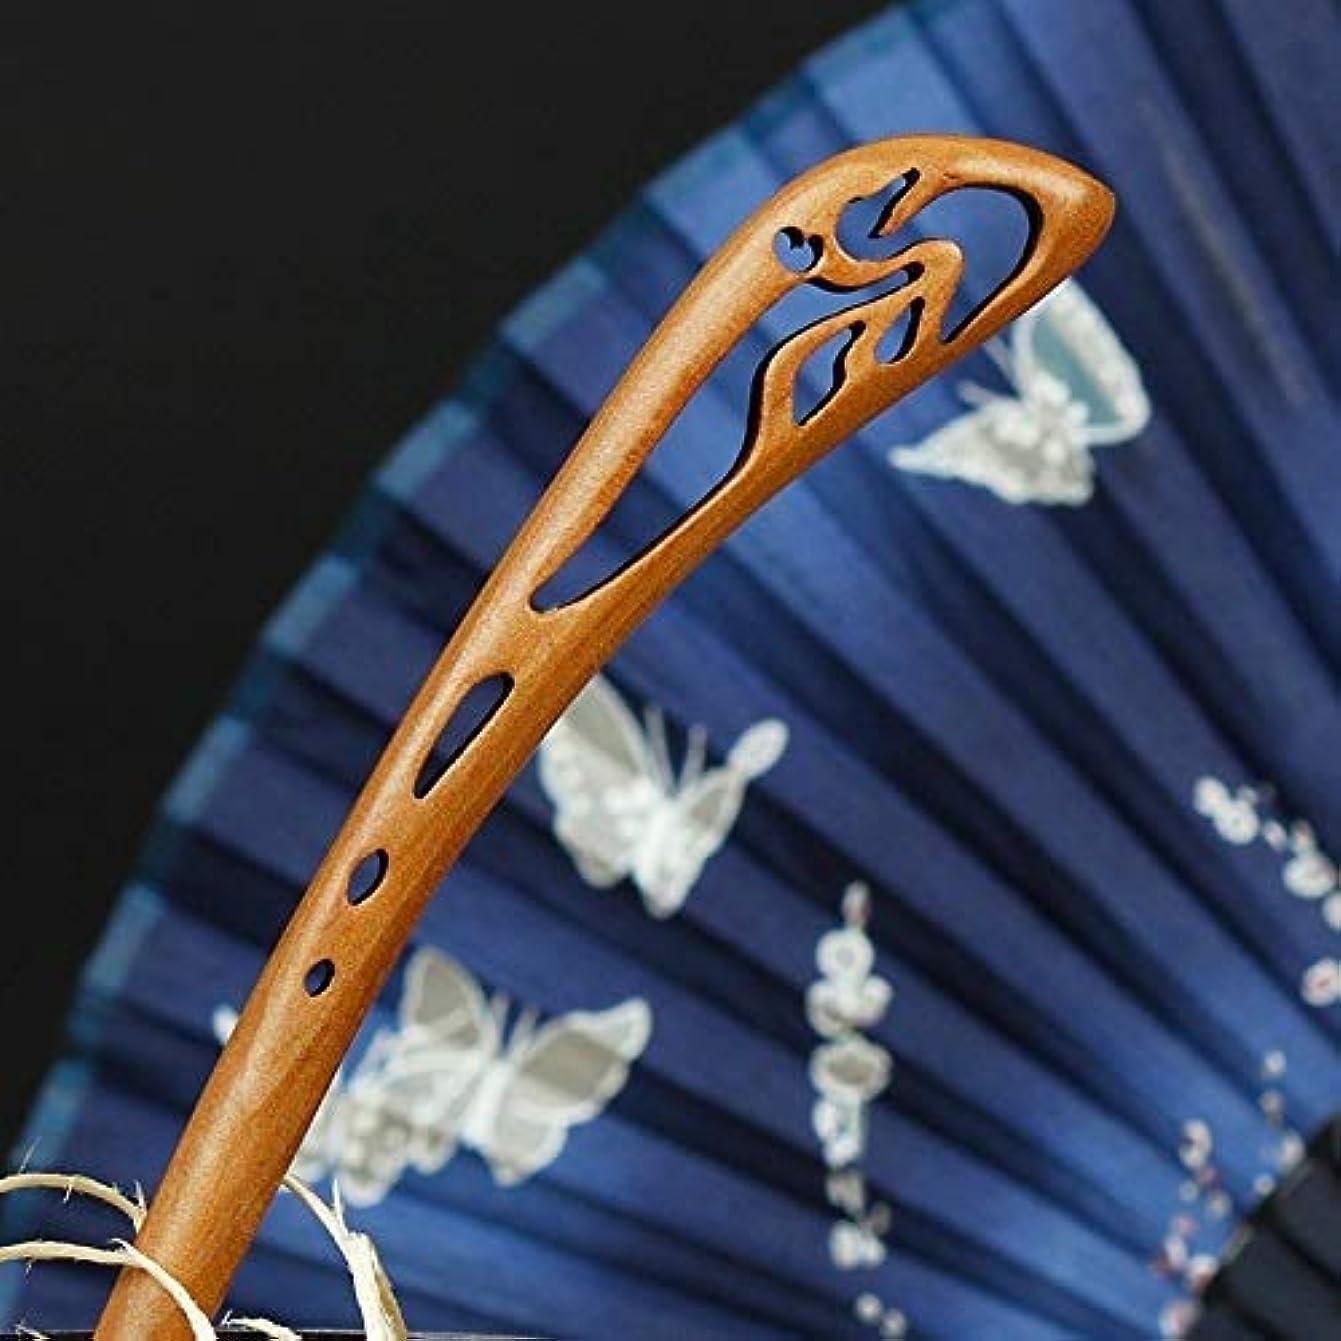 クモ憂鬱なとんでもないHPYOD HOME 中国風の木製レトロヘアピンパレスヘアクリップ(ブラウン)ヘアピン